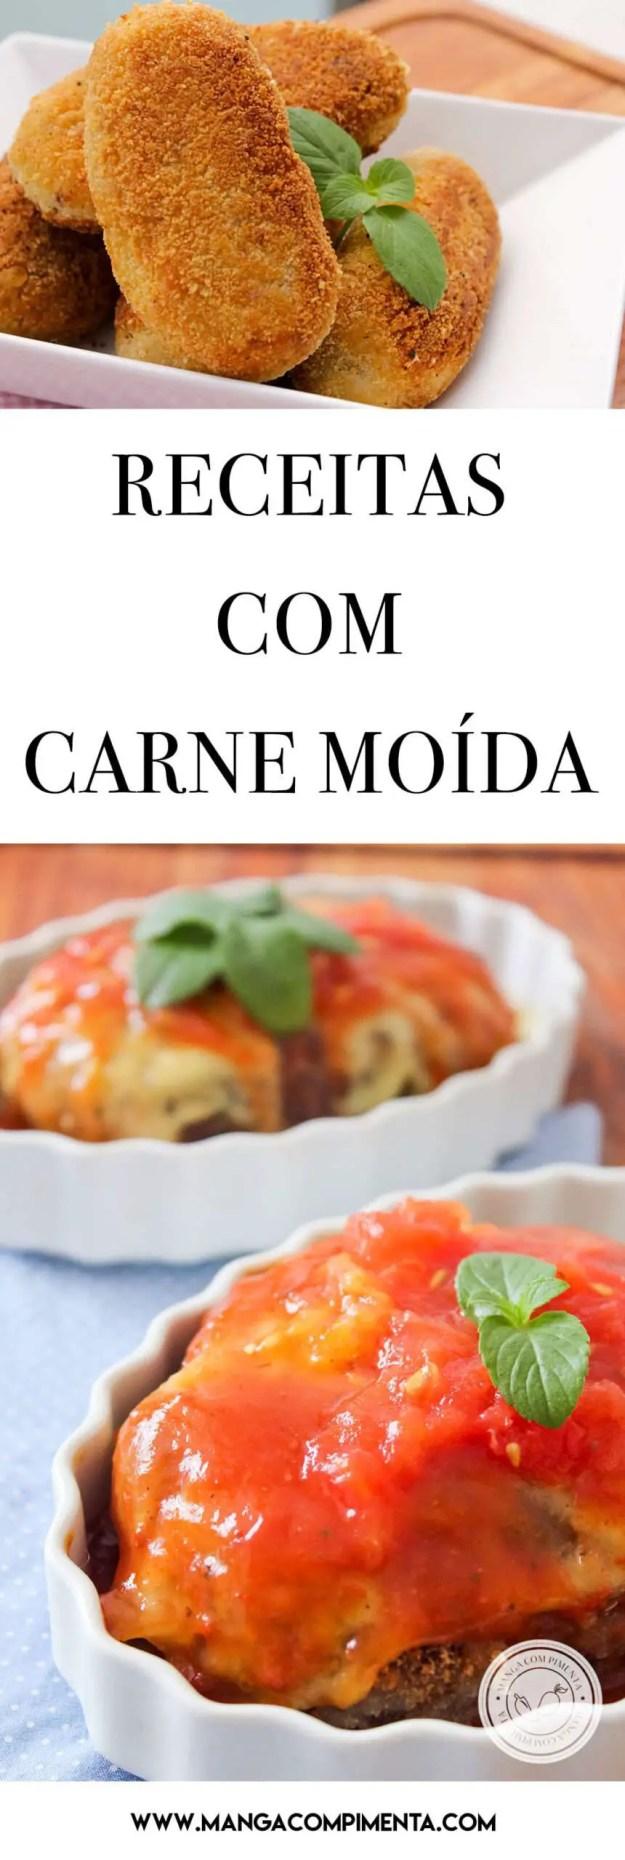 Receitas com Carne Moída - prepare 20 pratos deliciosos na sua casa!